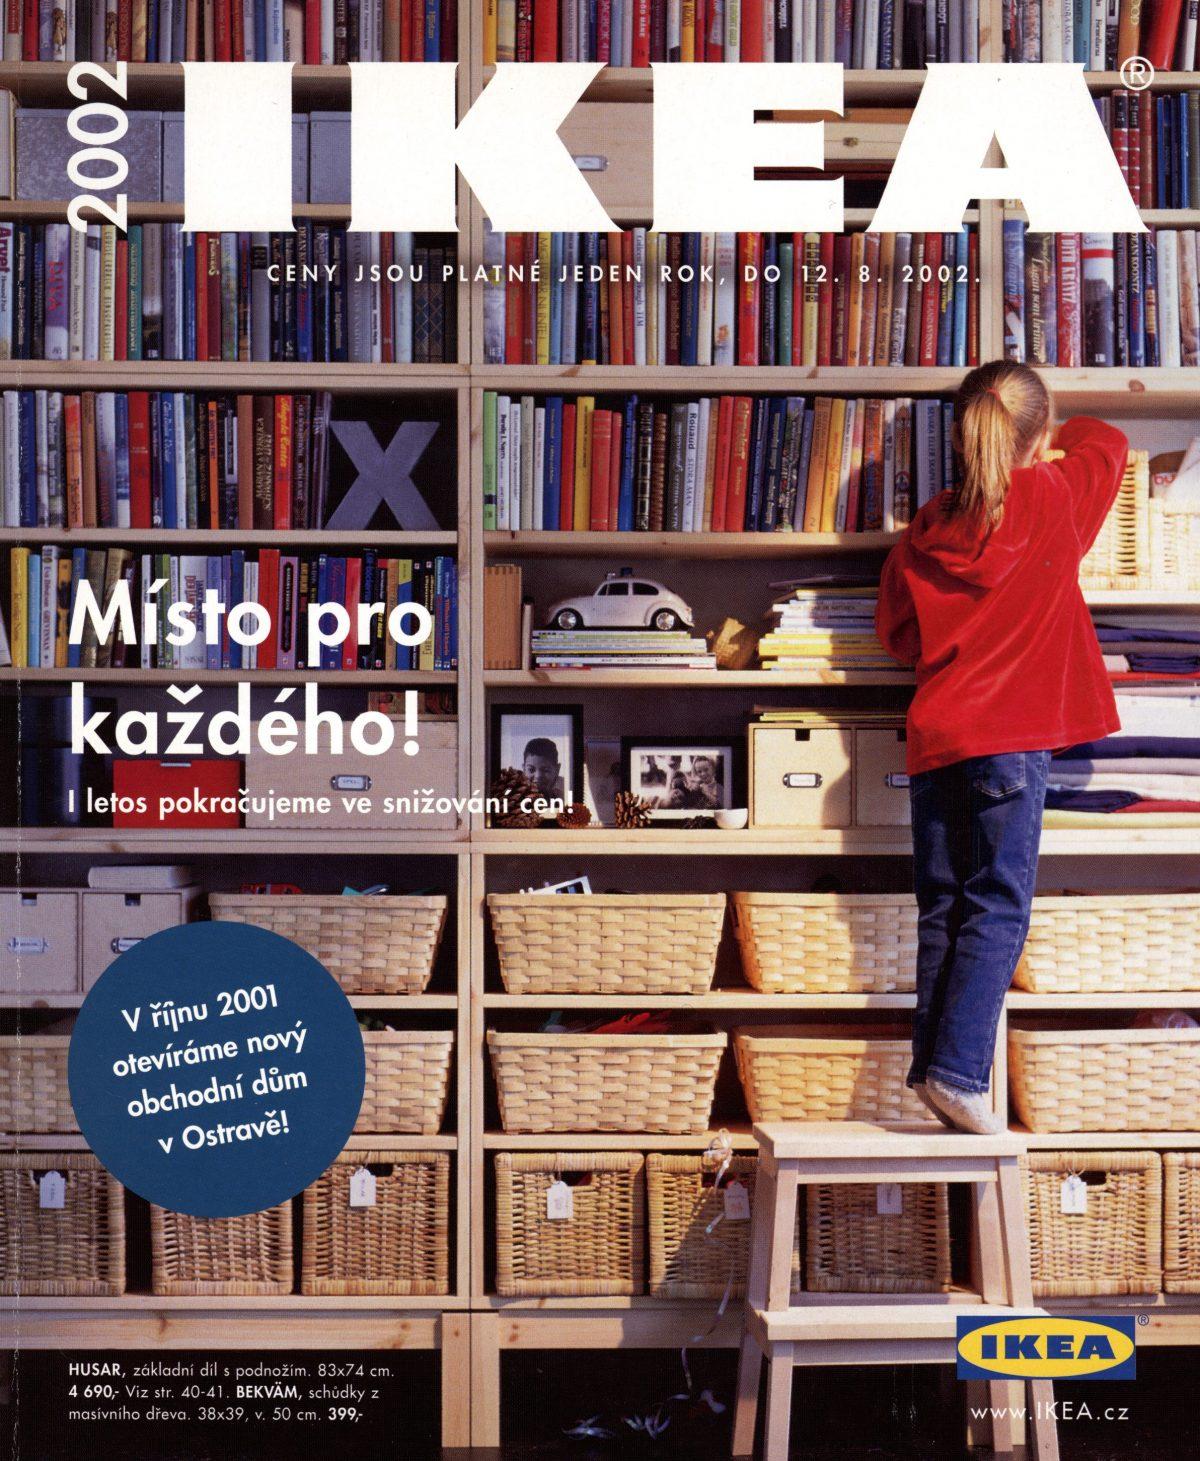 Katalog, který prezentoval zboží pro rok 2002